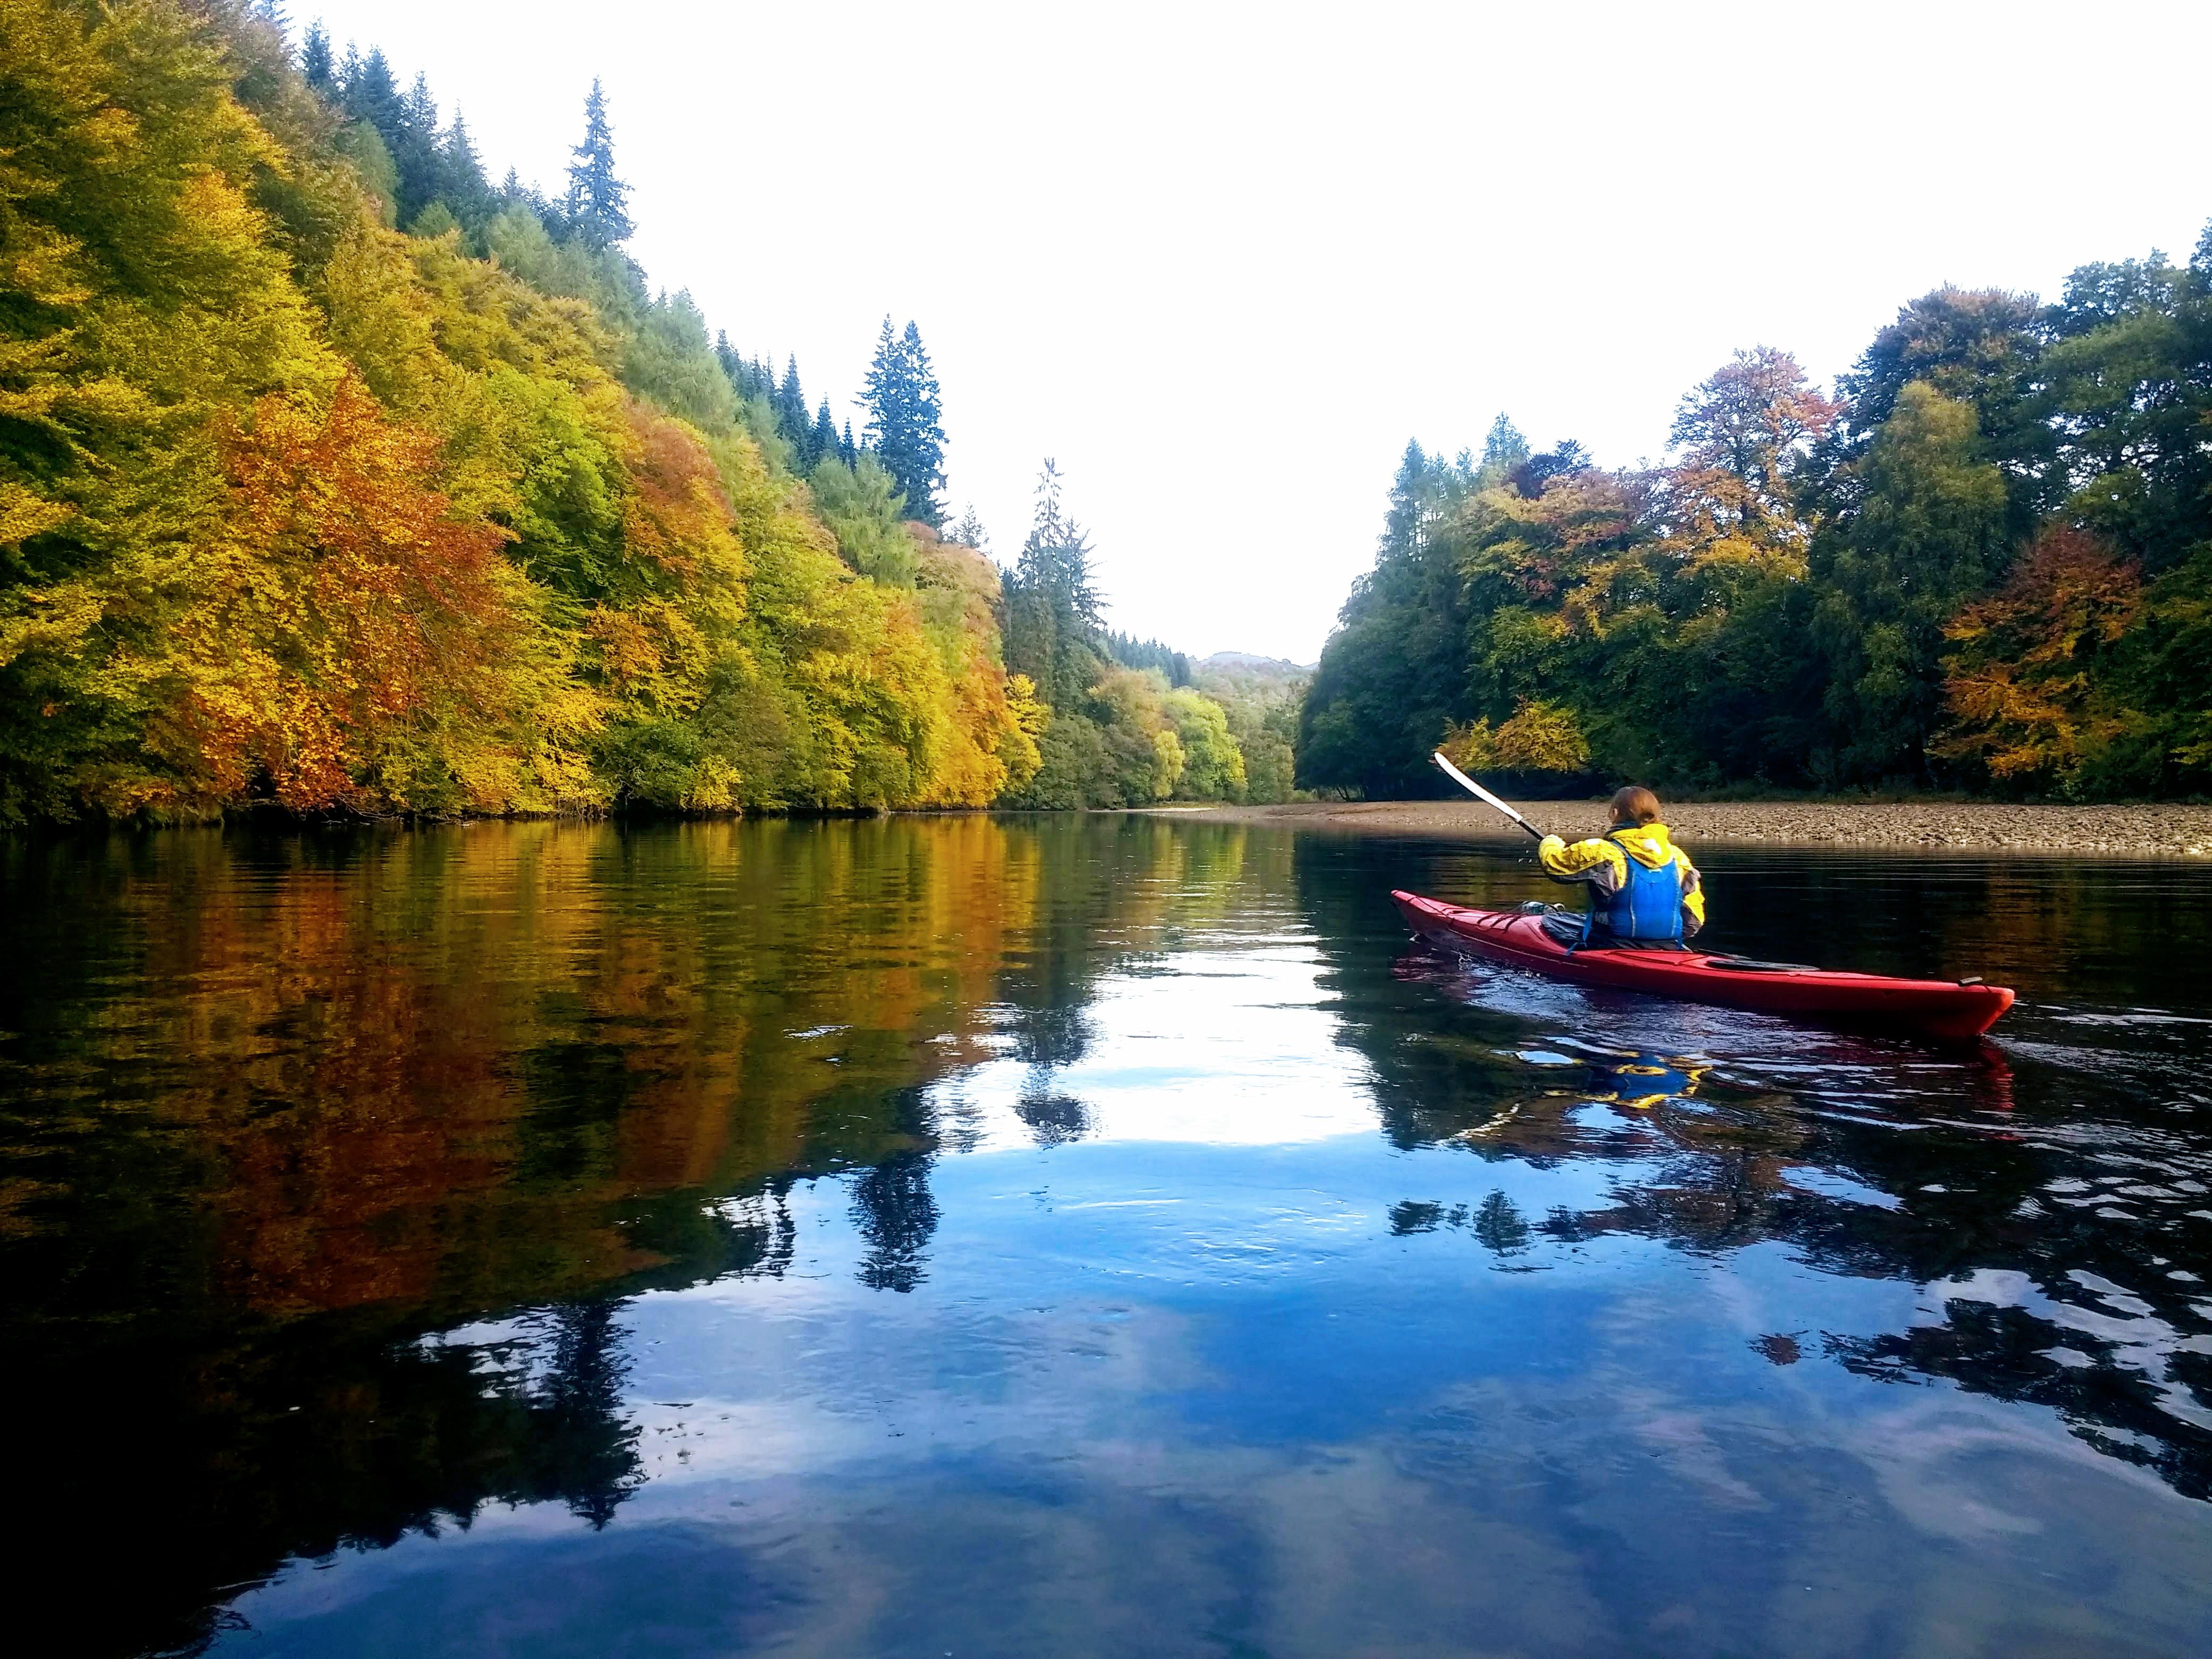 Kayaking at Loch Faskally near Pitlochry